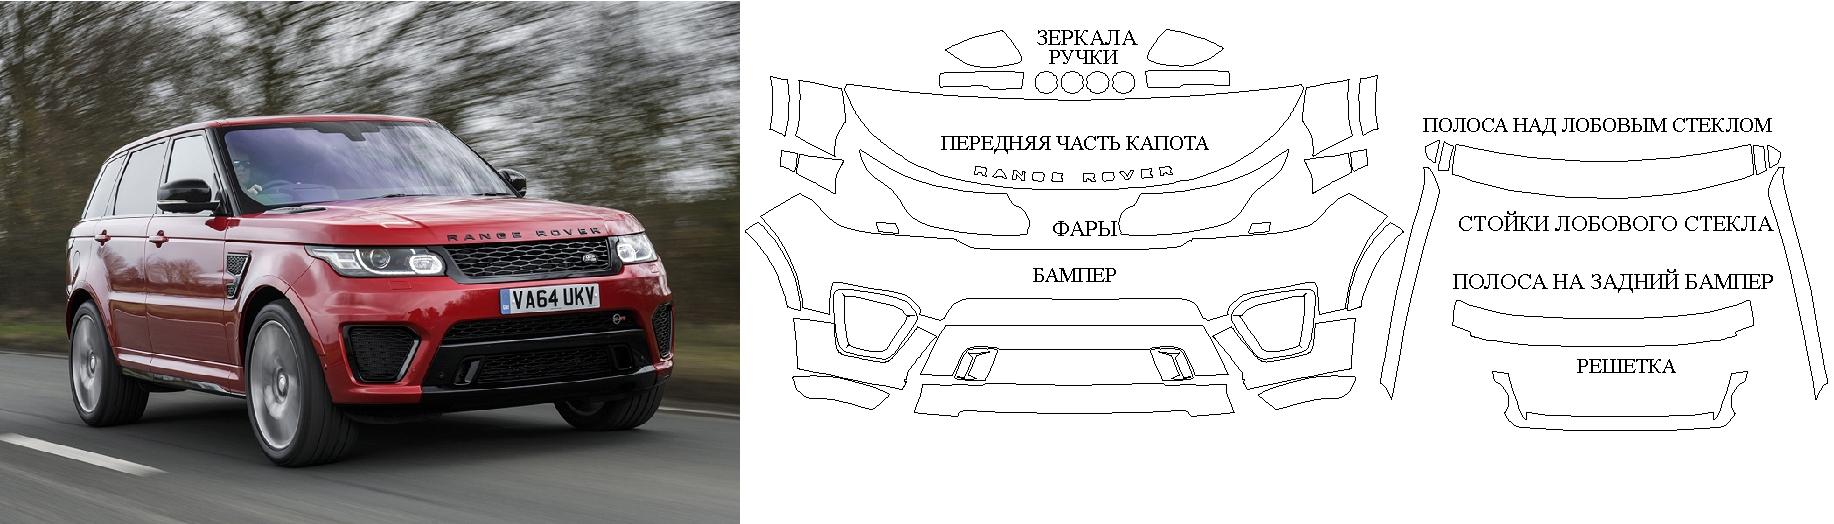 Лекало на Range Rover Sport 2015